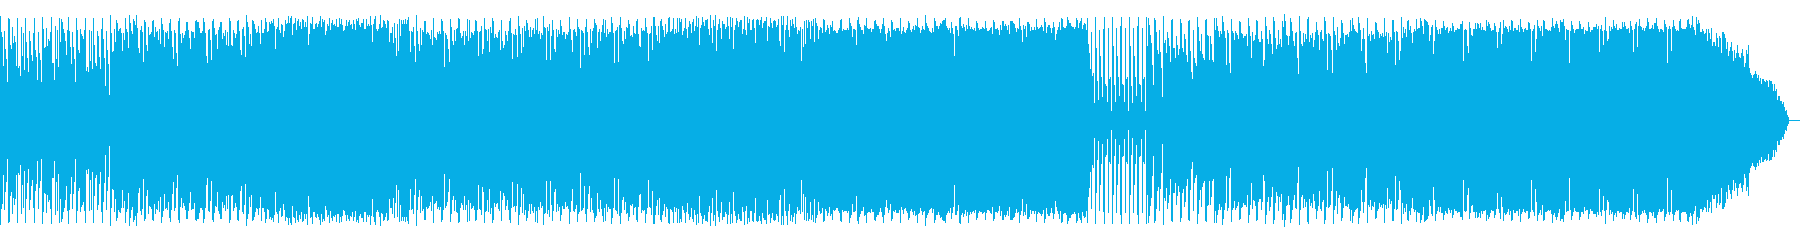 80年代のアリーナロックのような大...の再生済みの波形